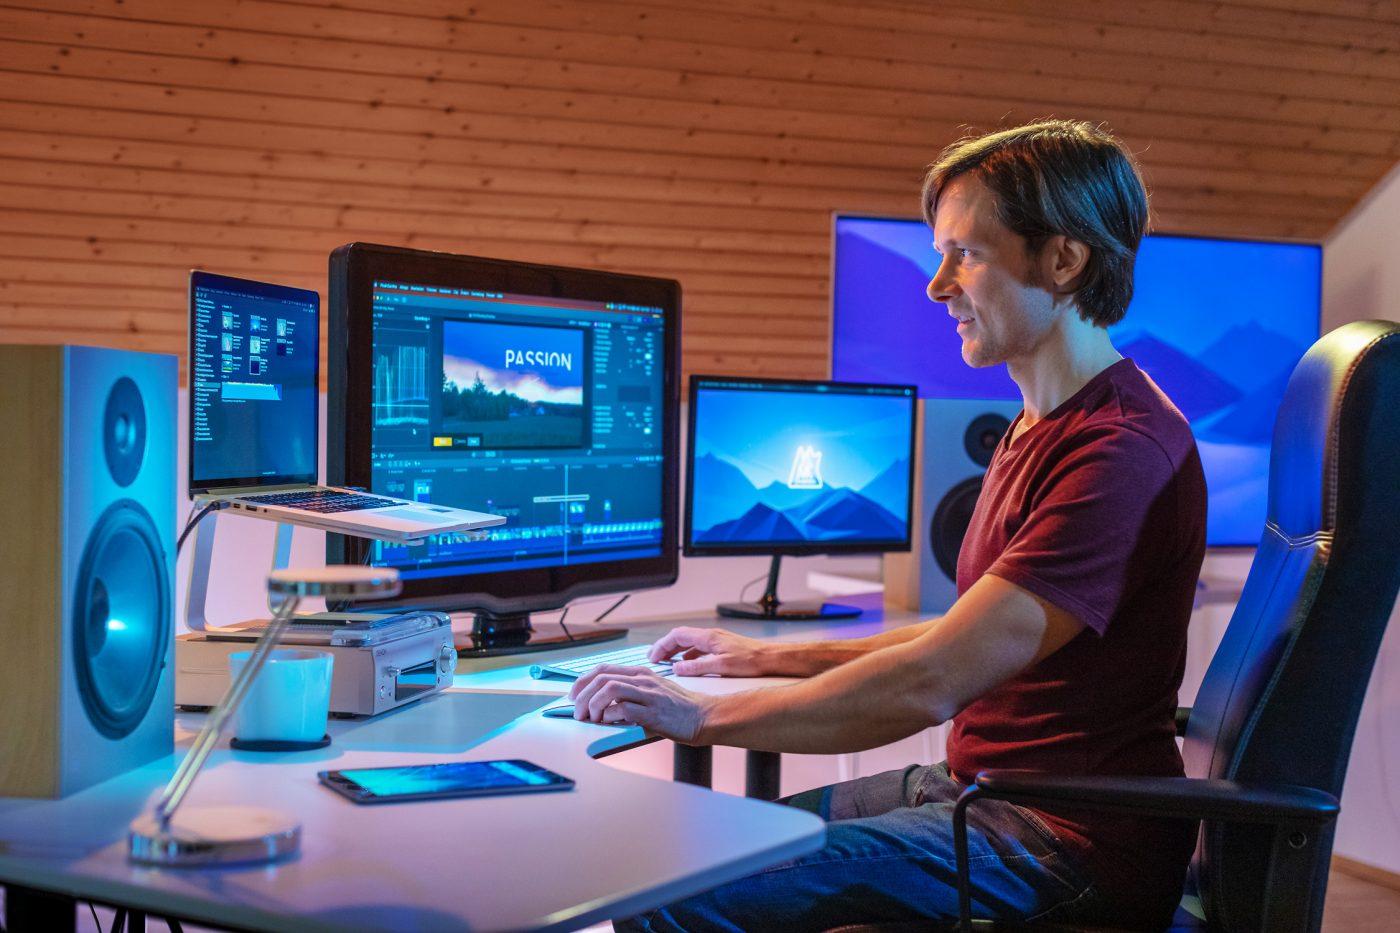 portrait mann vor computer bei filmproduktion mit Kunstlicht